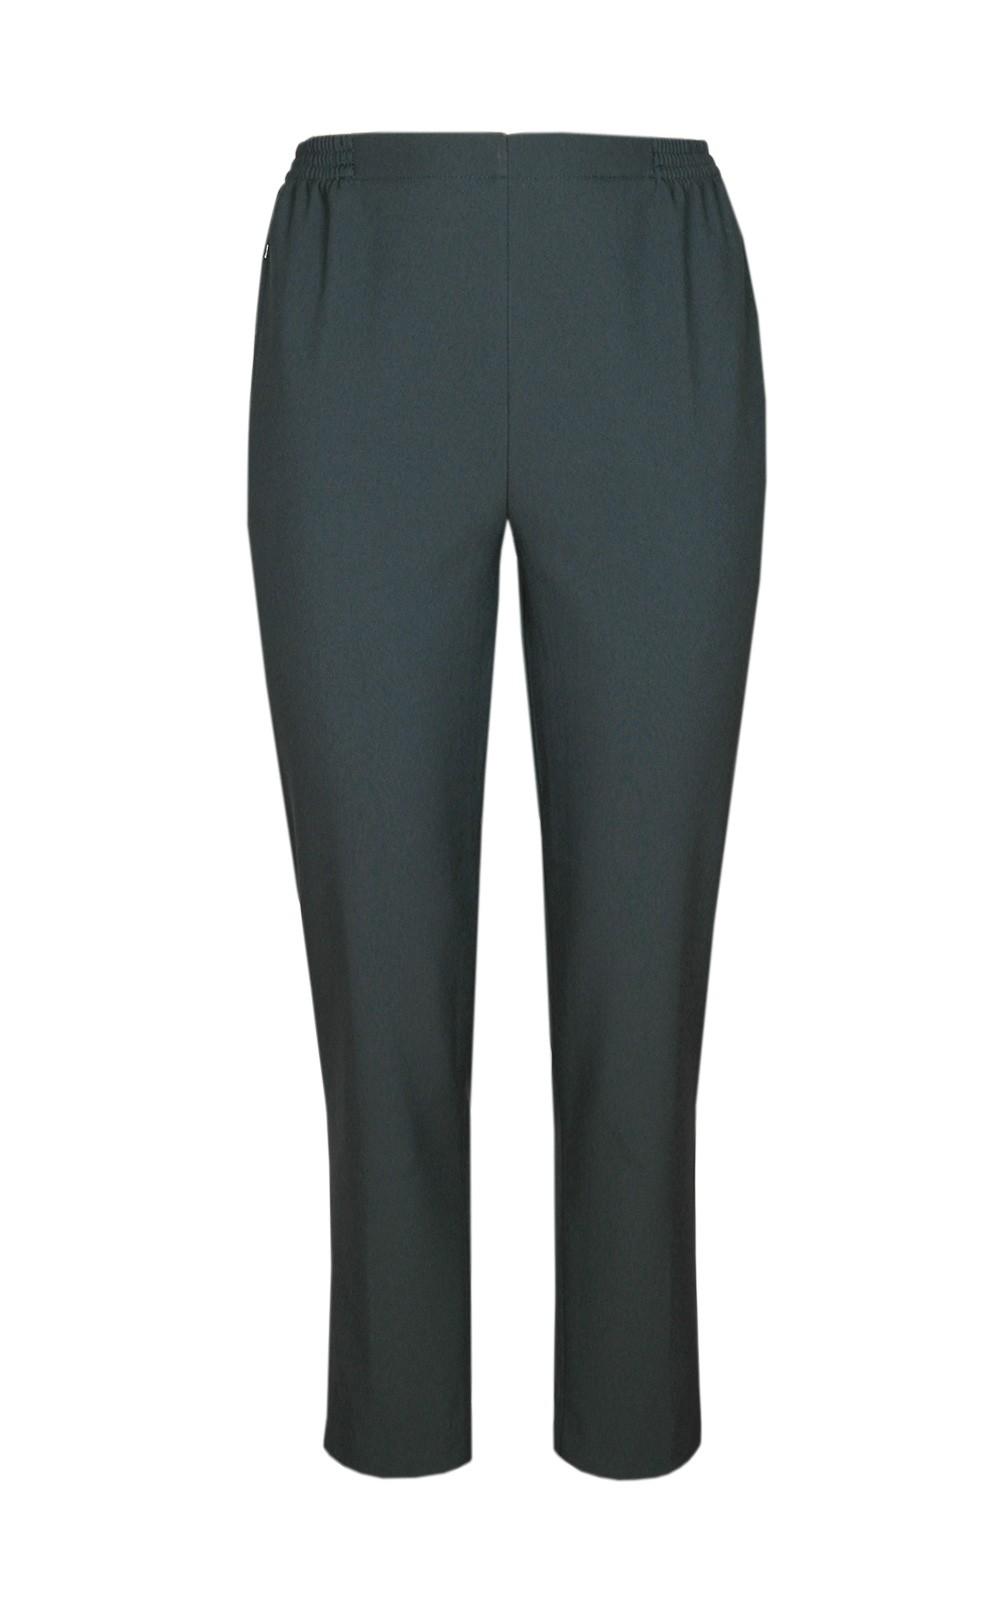 Damen Thermo Schlupfhose, warme Winterhose aus Doppelschicht Stoff, K-Größen anthraziz